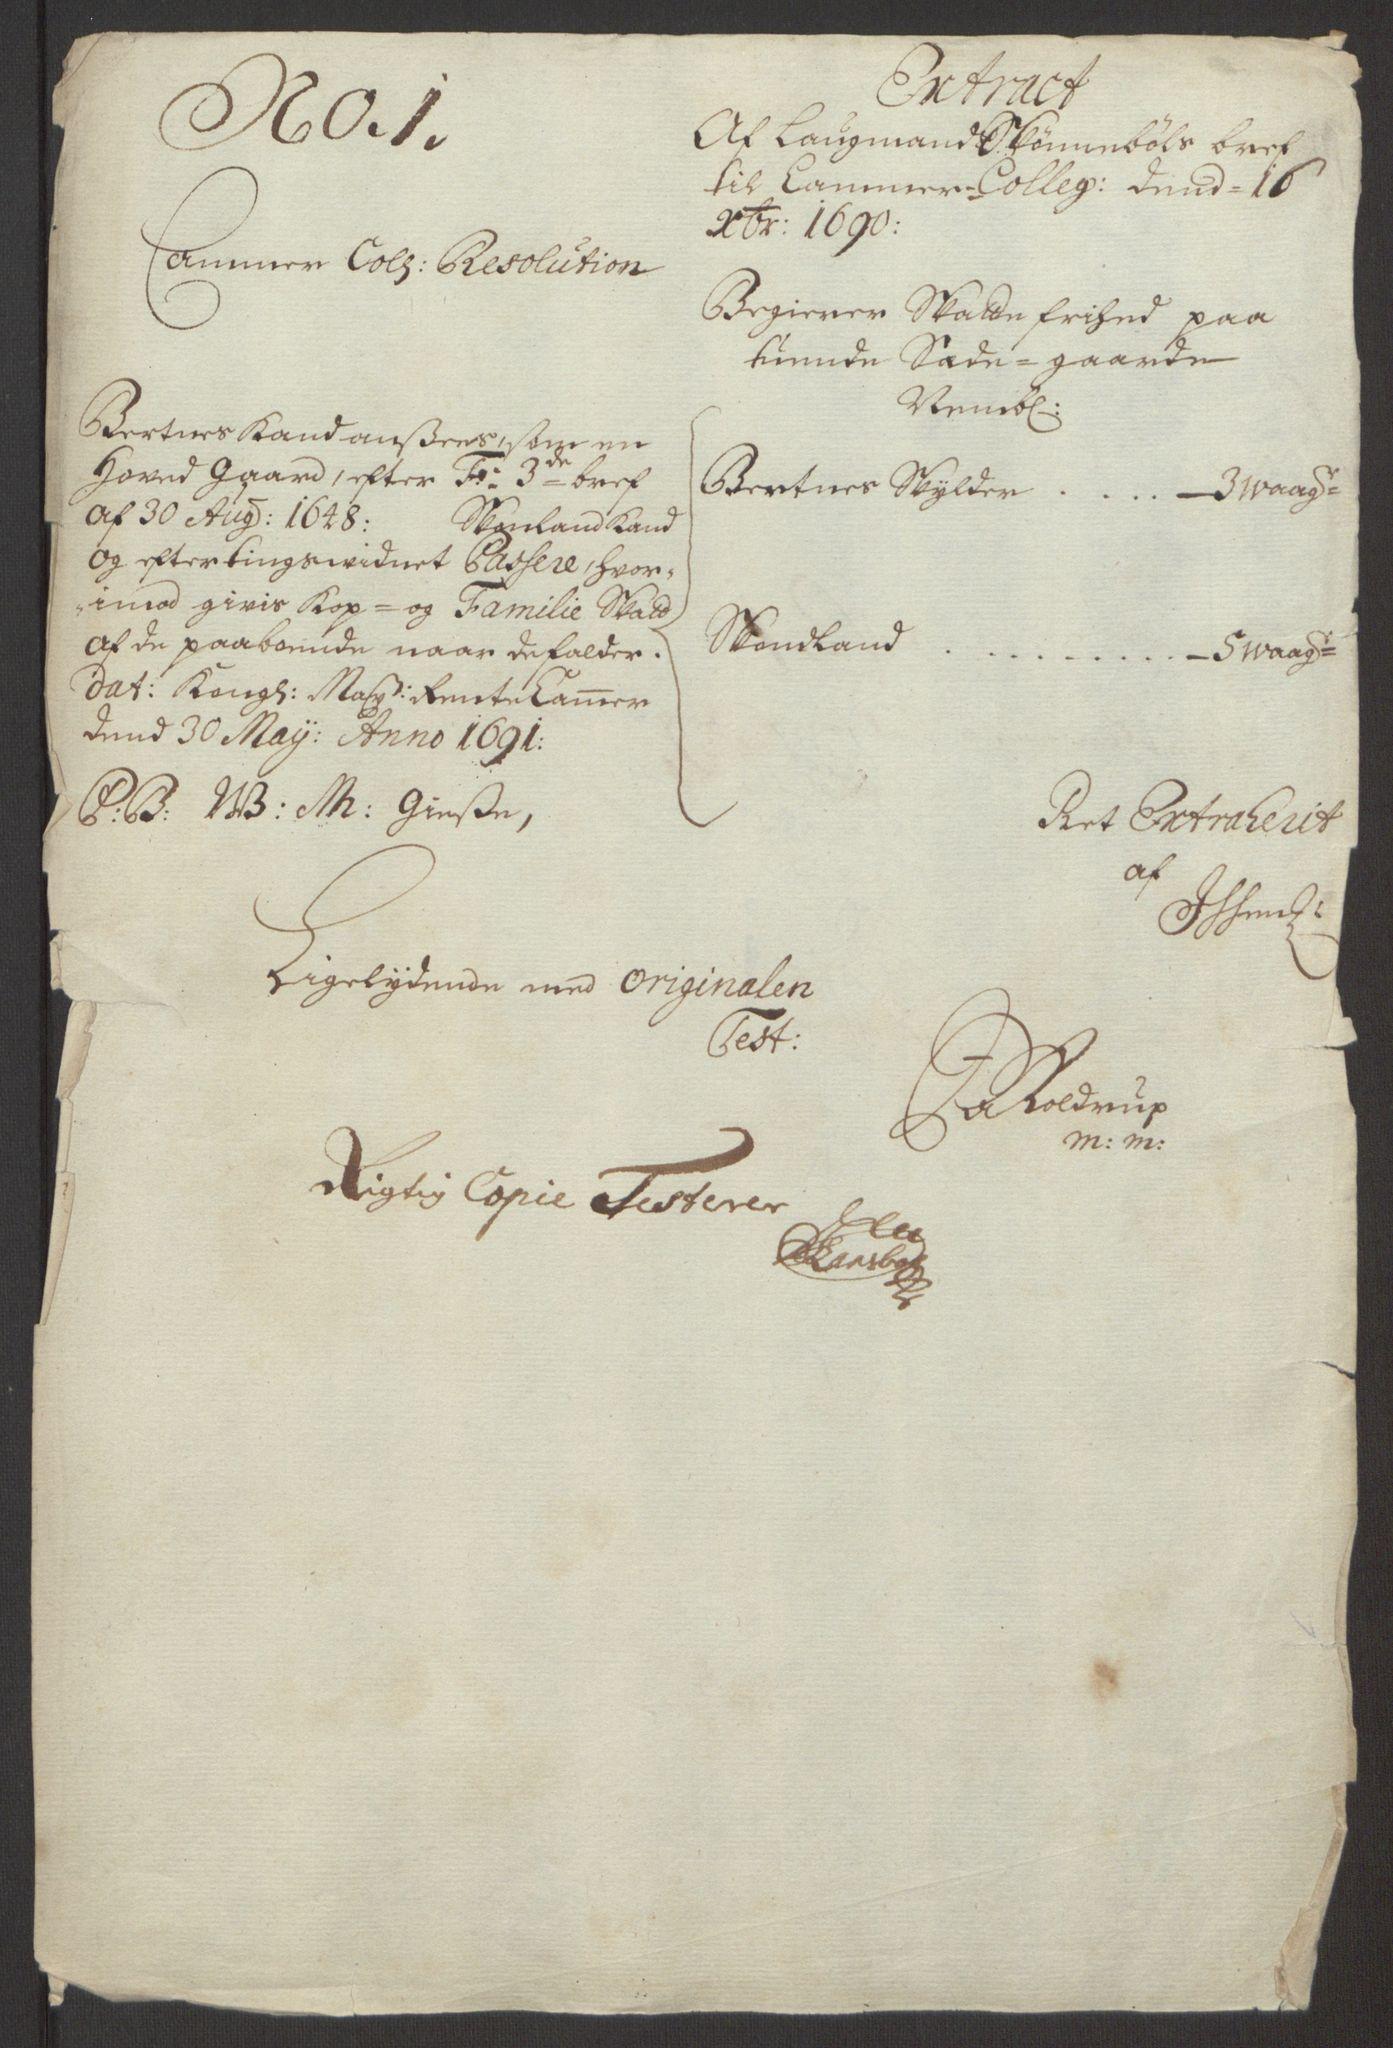 RA, Rentekammeret inntil 1814, Reviderte regnskaper, Fogderegnskap, R66/L4577: Fogderegnskap Salten, 1691-1693, s. 111